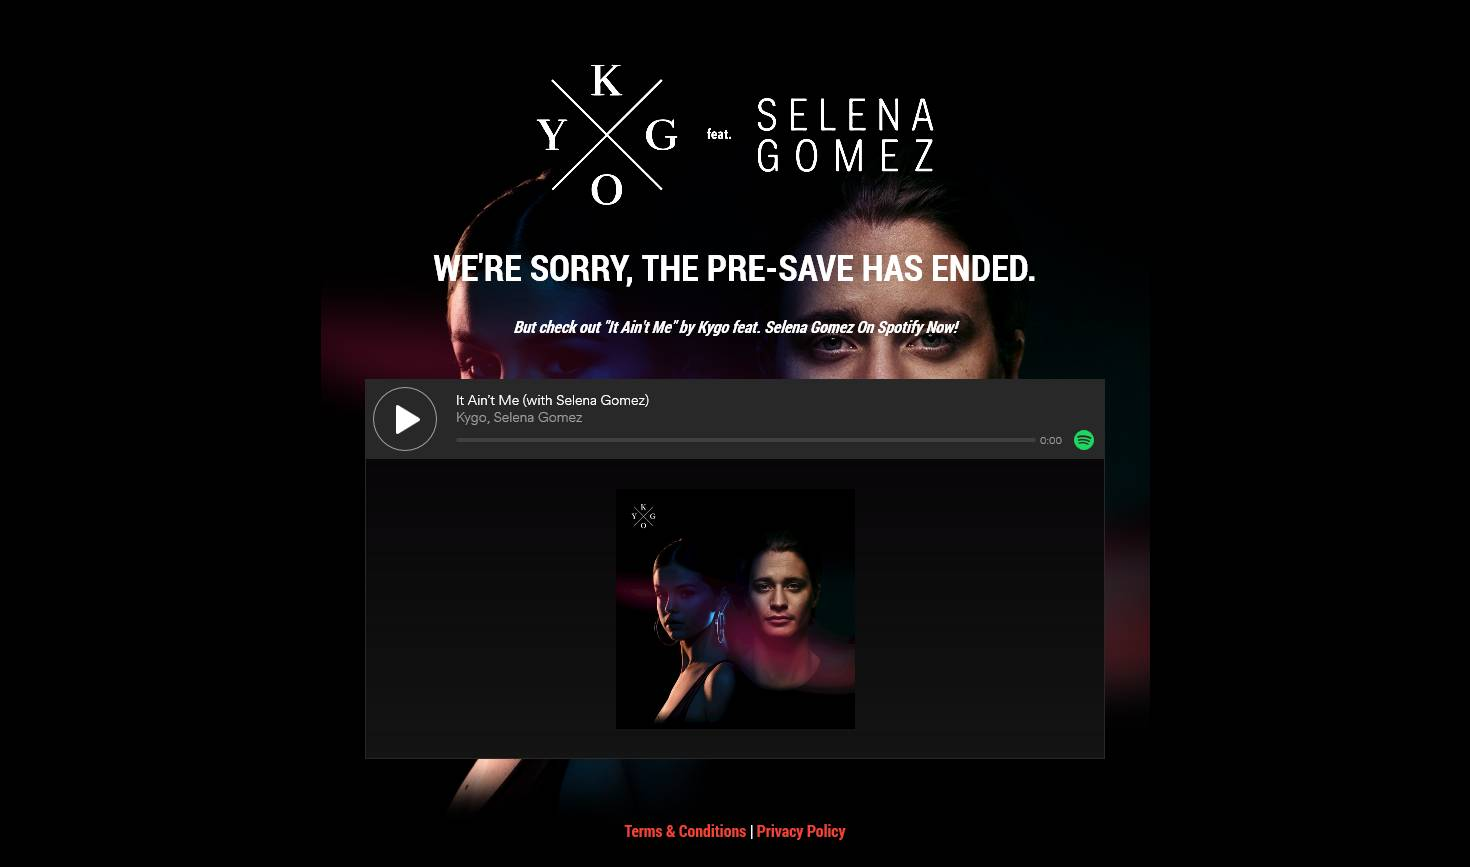 Selena Gomez Pre-Save for Spotify, Selena Gomez Presave For Spotify, Selena Gomez Spotify Pre-Save